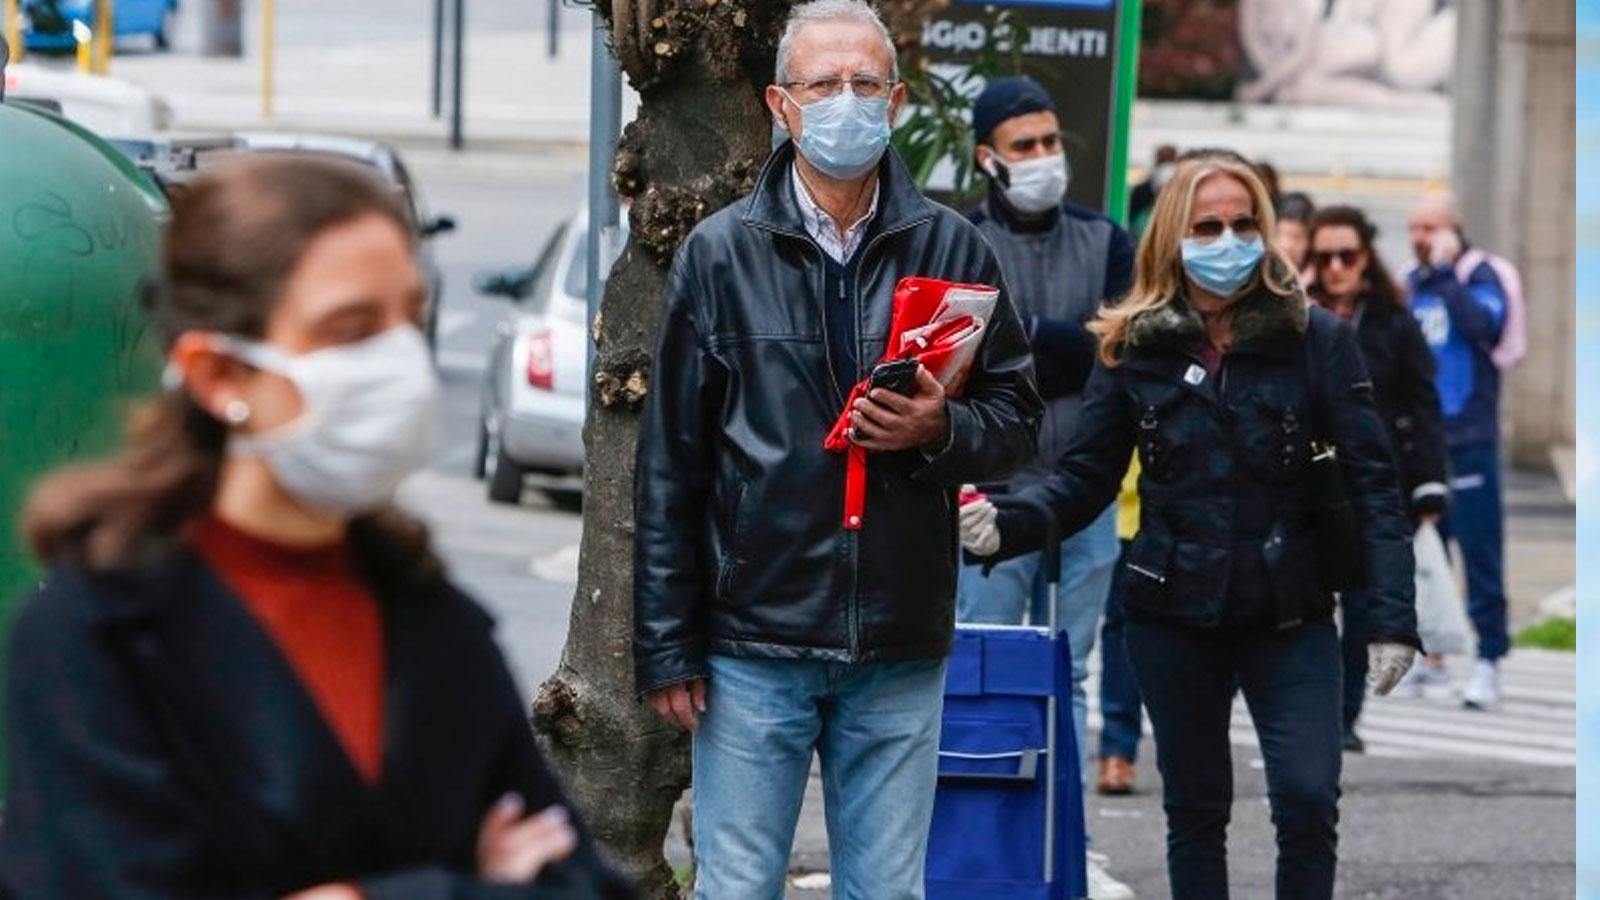 Bilim Kurulu üyesi Prof. Dr. Öztürk bayram öncesi uyardı: Sessiz taşıyıcılar aramızda, en ufak bir temas tüm aileyi hasta edebilir